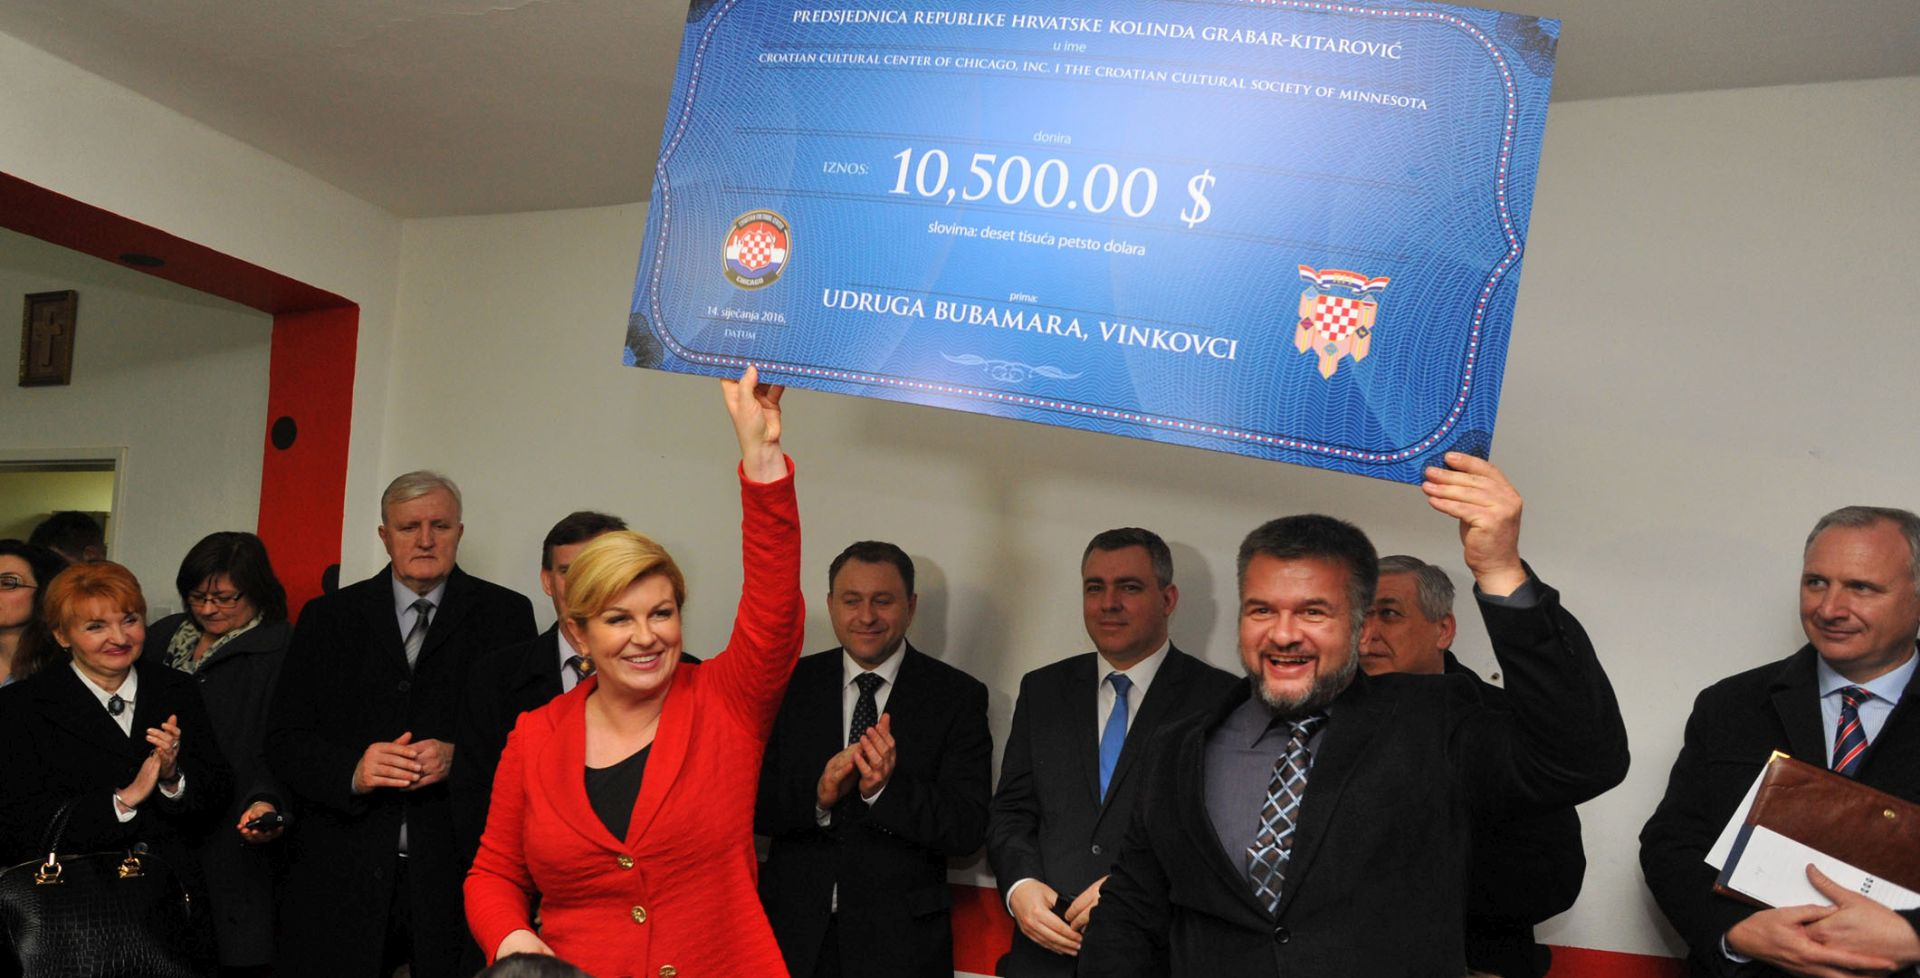 Grabar Kitarović završila trodnevni boravak u Vukovaru